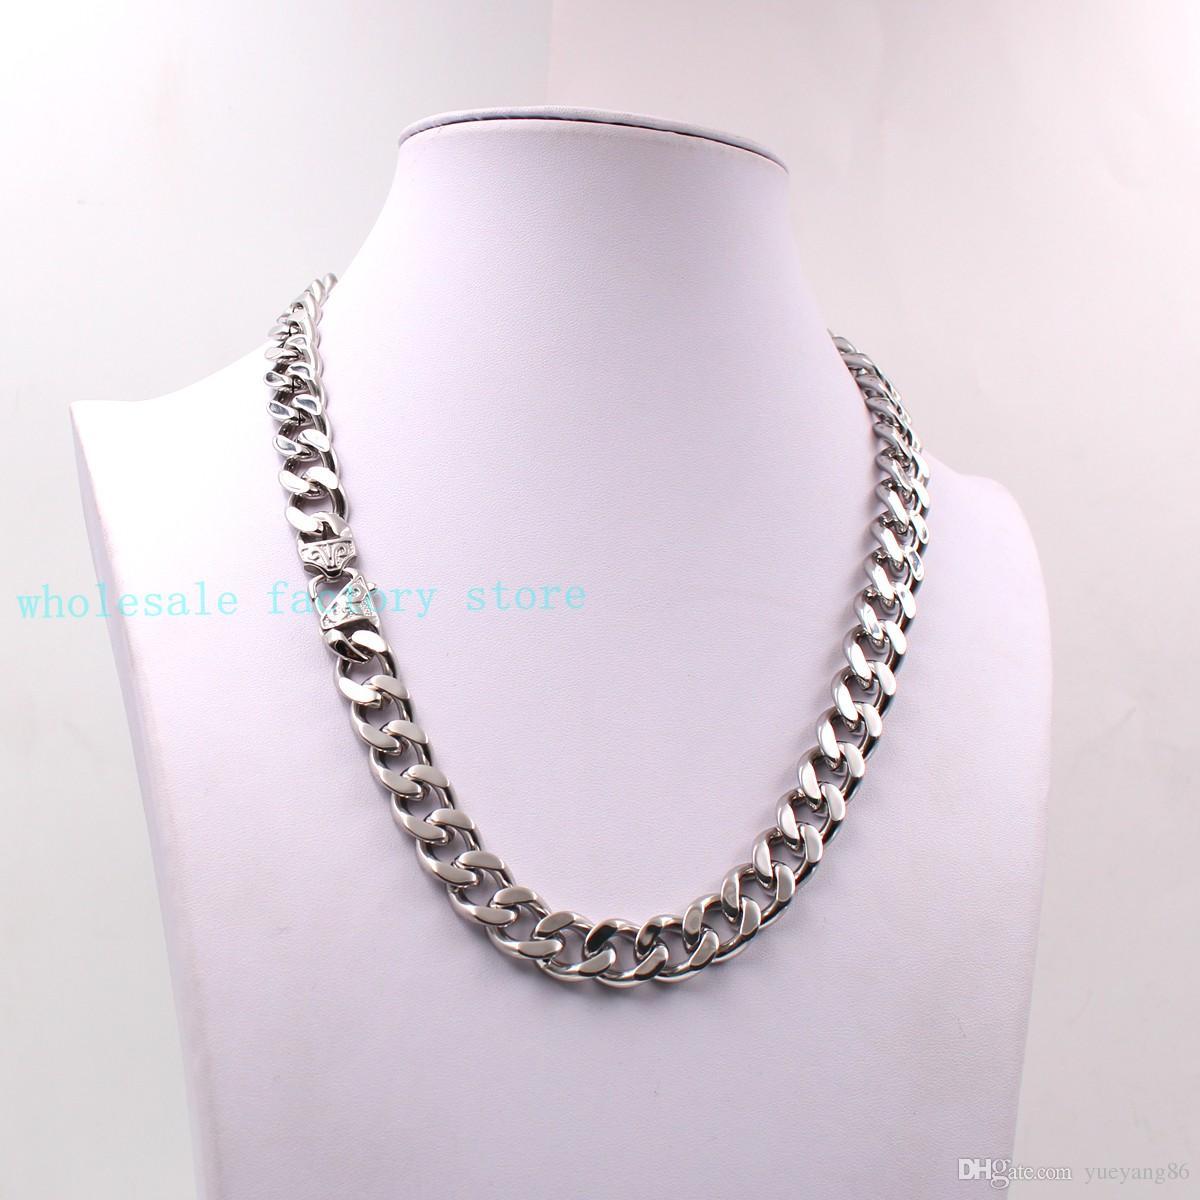 Cadeaux de charme Strong Link 10mm / 15mm Argent énorme Cuban Curb Chain Collier Bracelet Bijoux en acier inoxydable Retro Fermoir